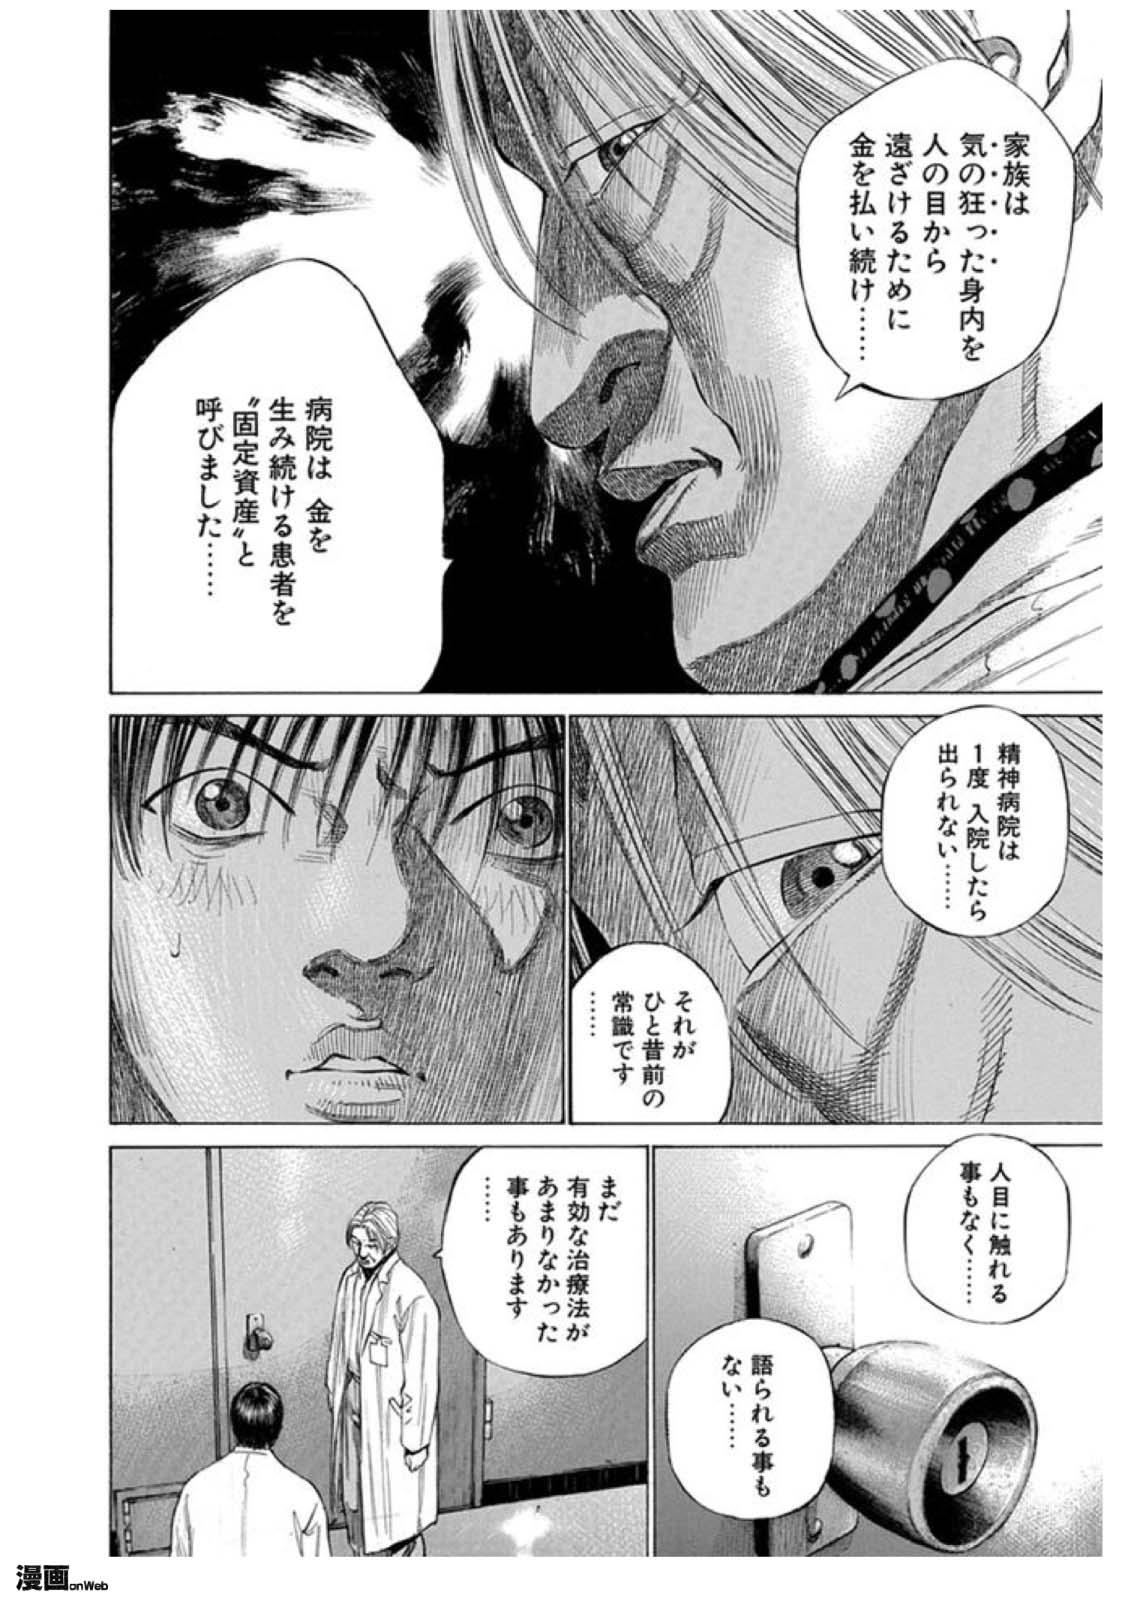 図6-2 11巻164ページ